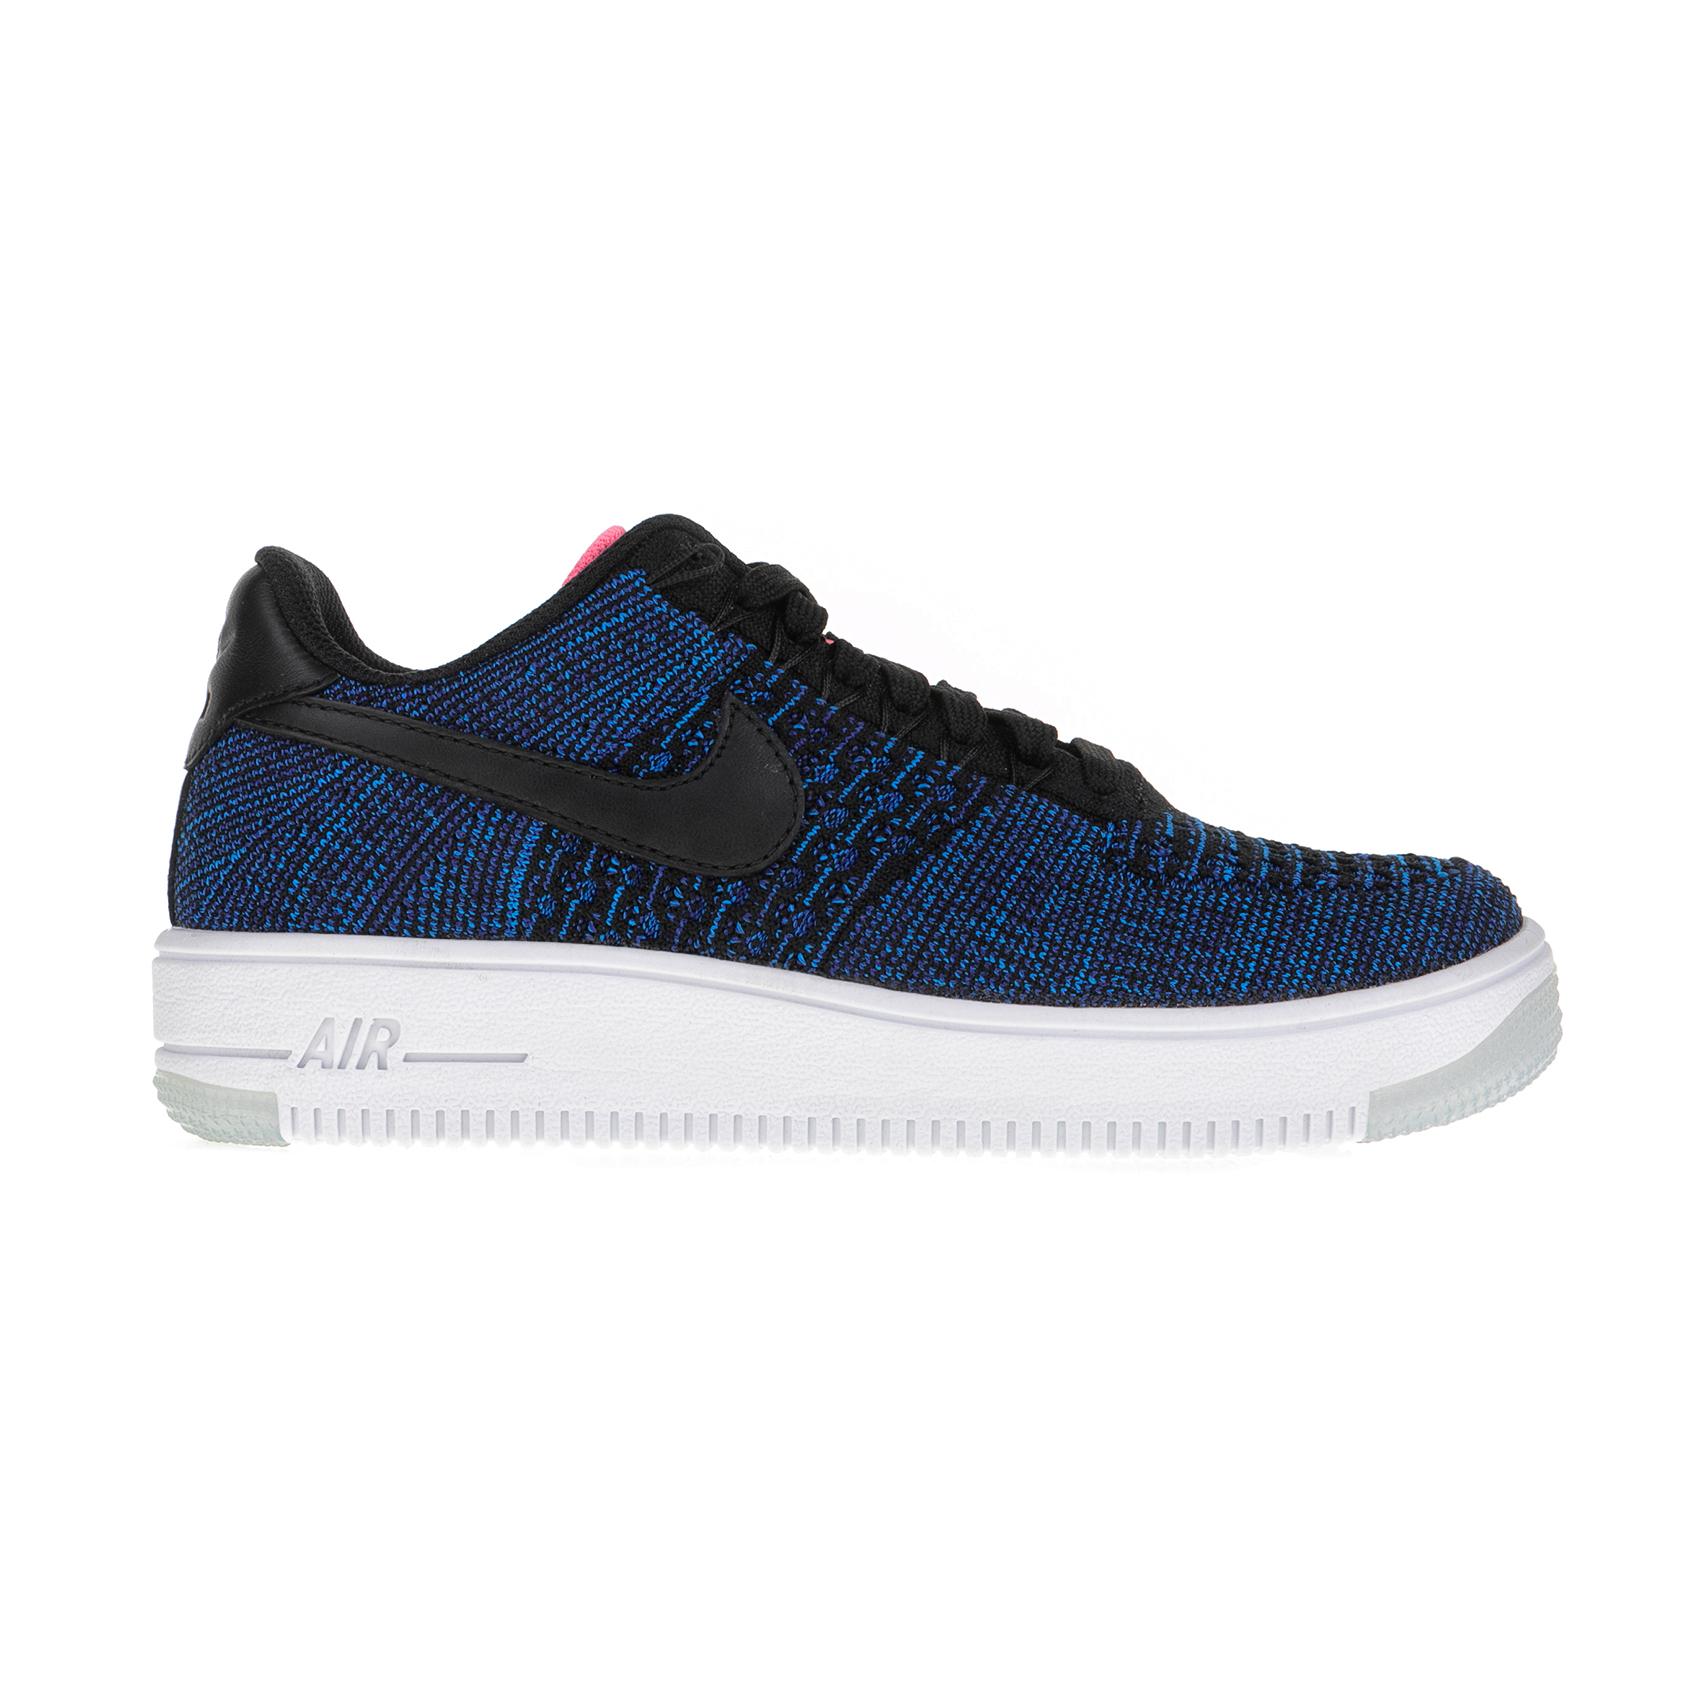 NIKE – Γυναικεία παπούτσια Nike AF1 FLYKNIT LOW μπλε